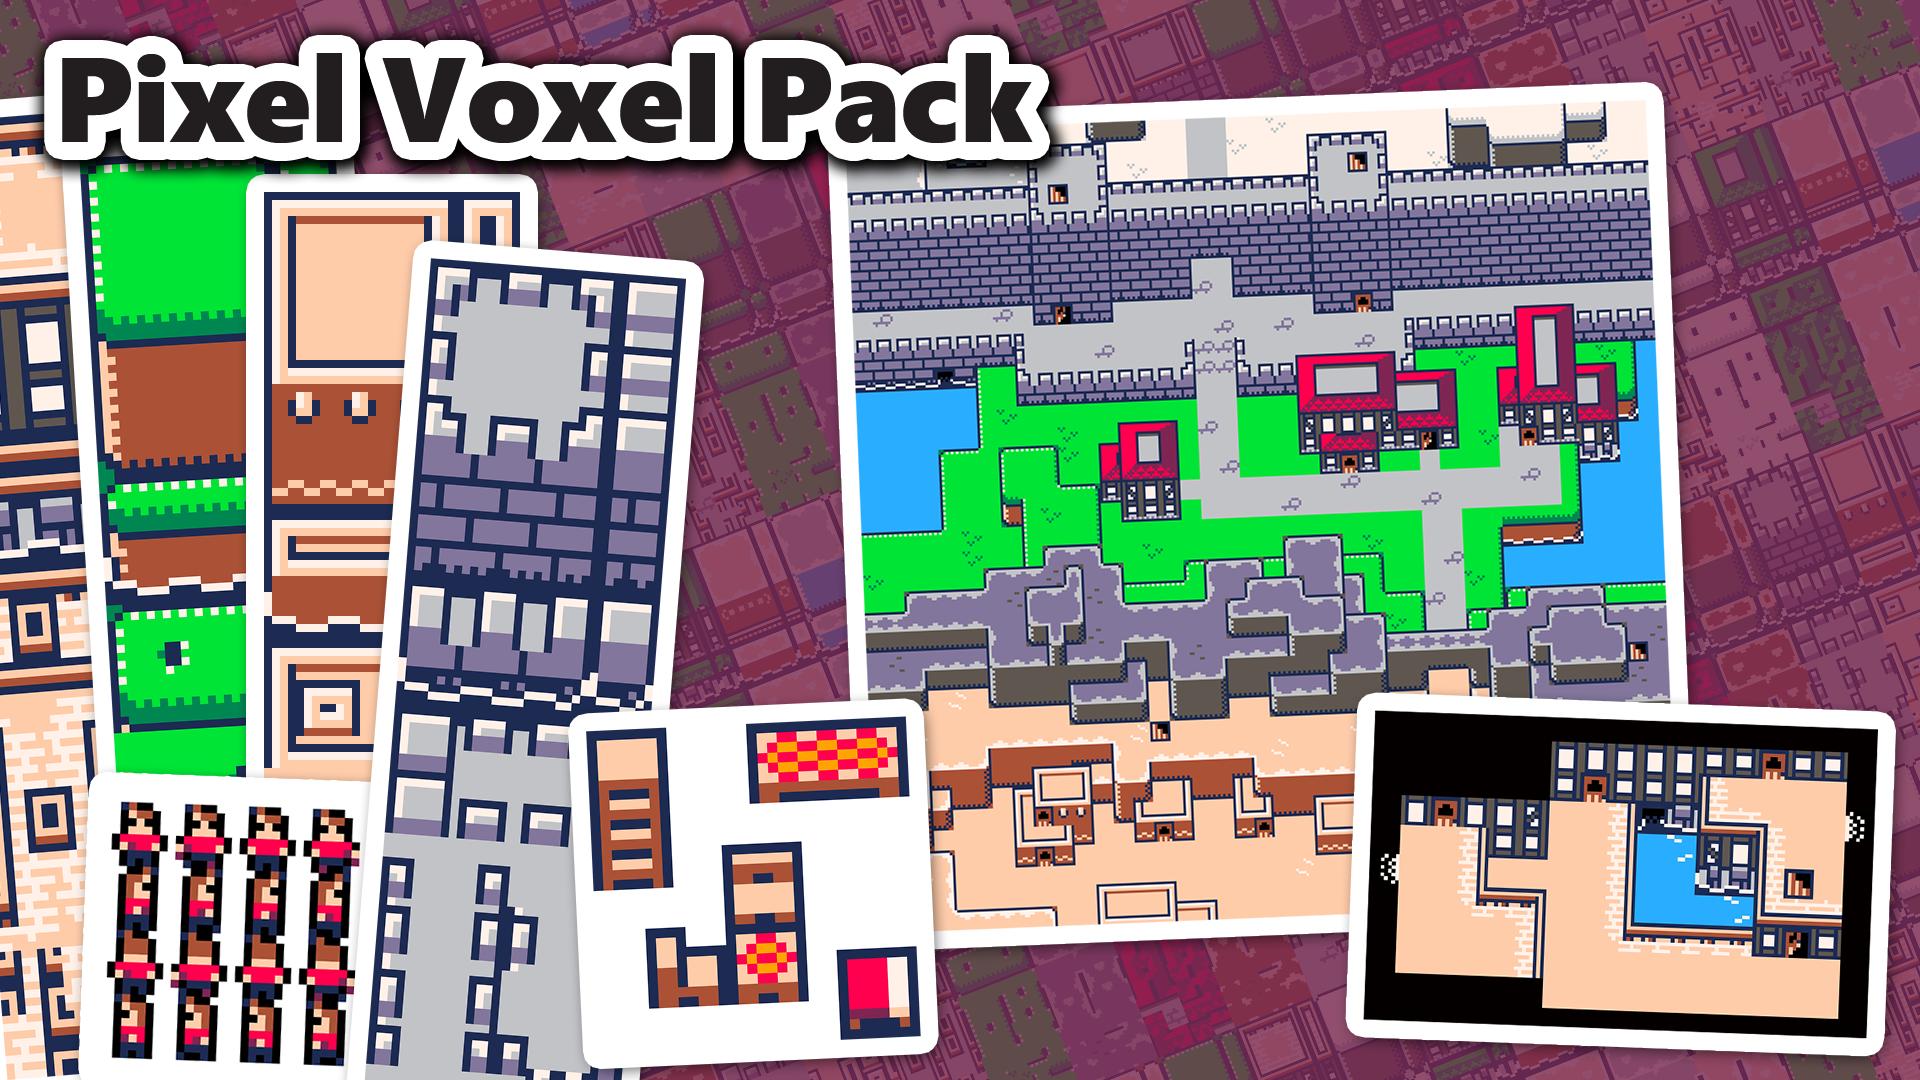 Pixel Voxel Pack